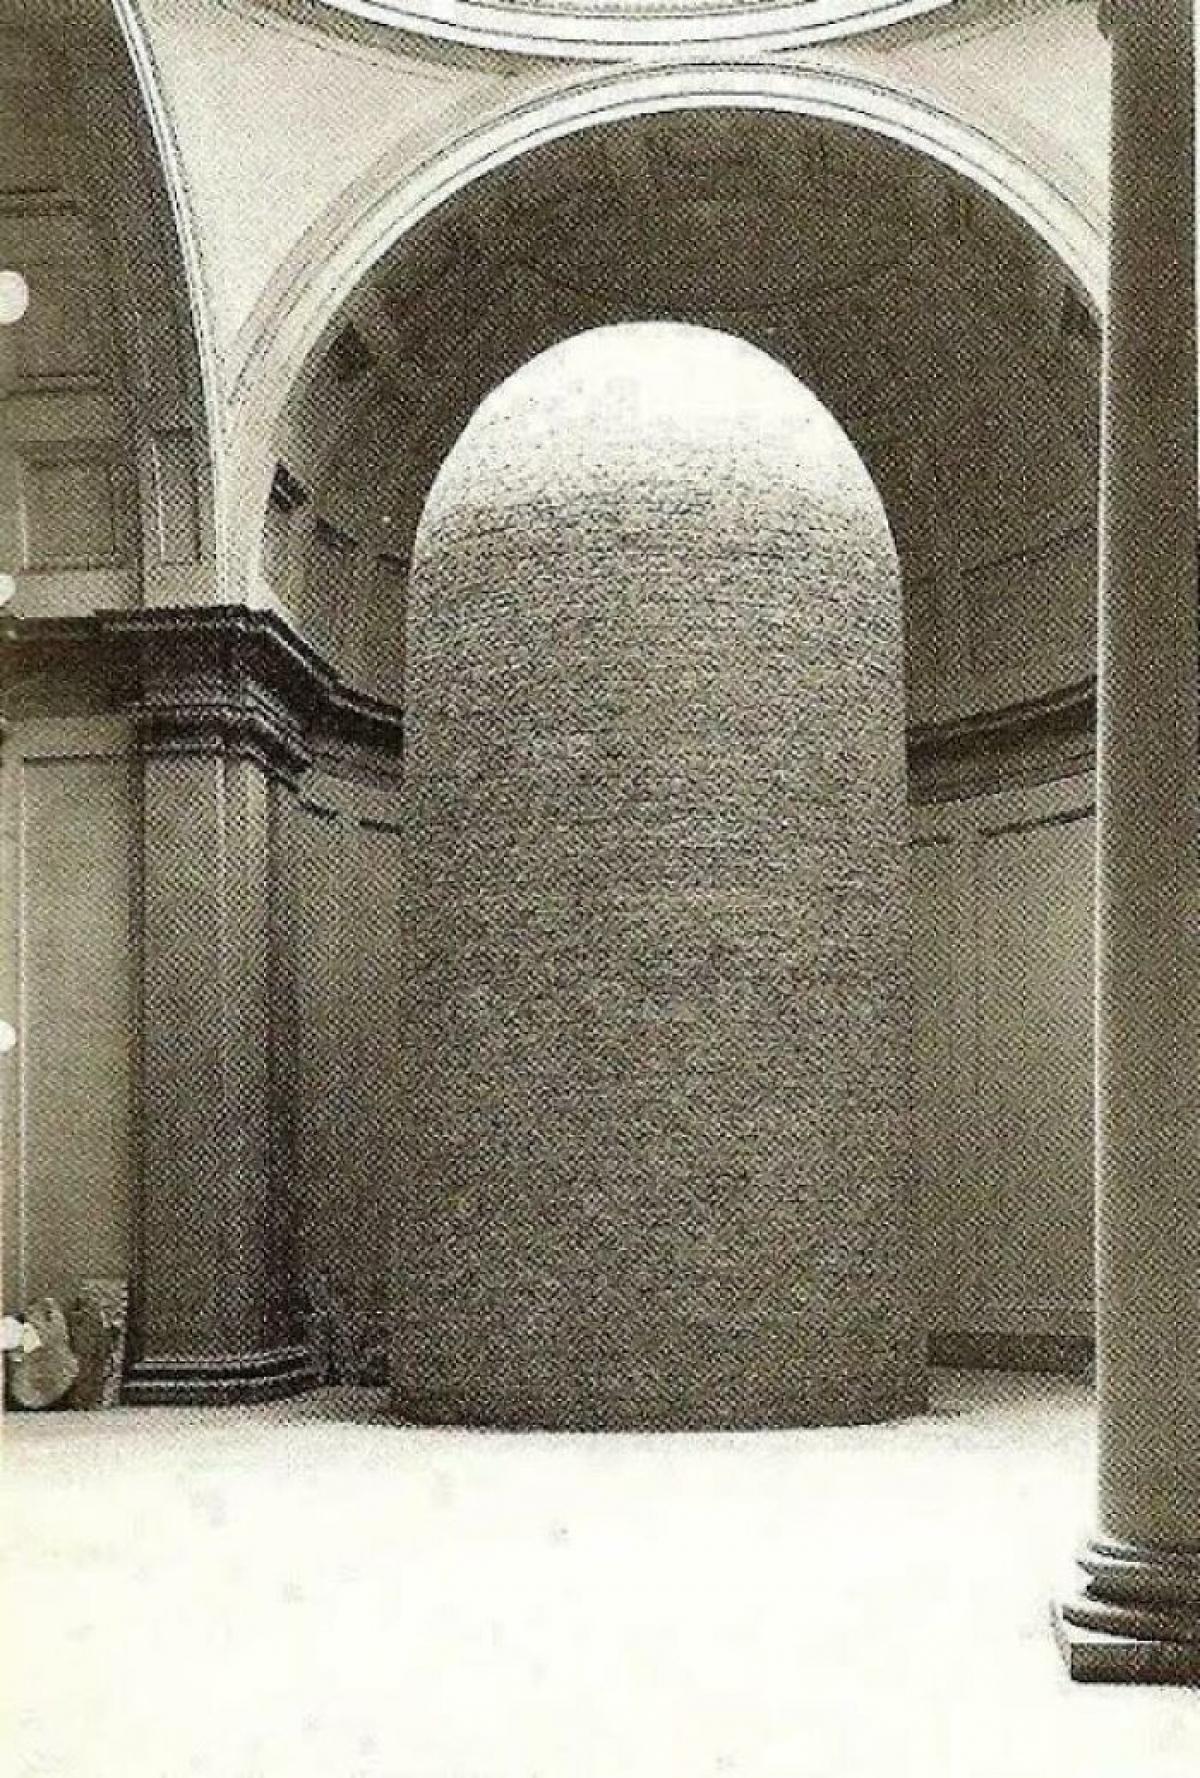 Bức tượng David của Michelangelo được bảo vệ bằng một lớp gạch để không bị bom đạn phá hủy trong Thế chiến II.